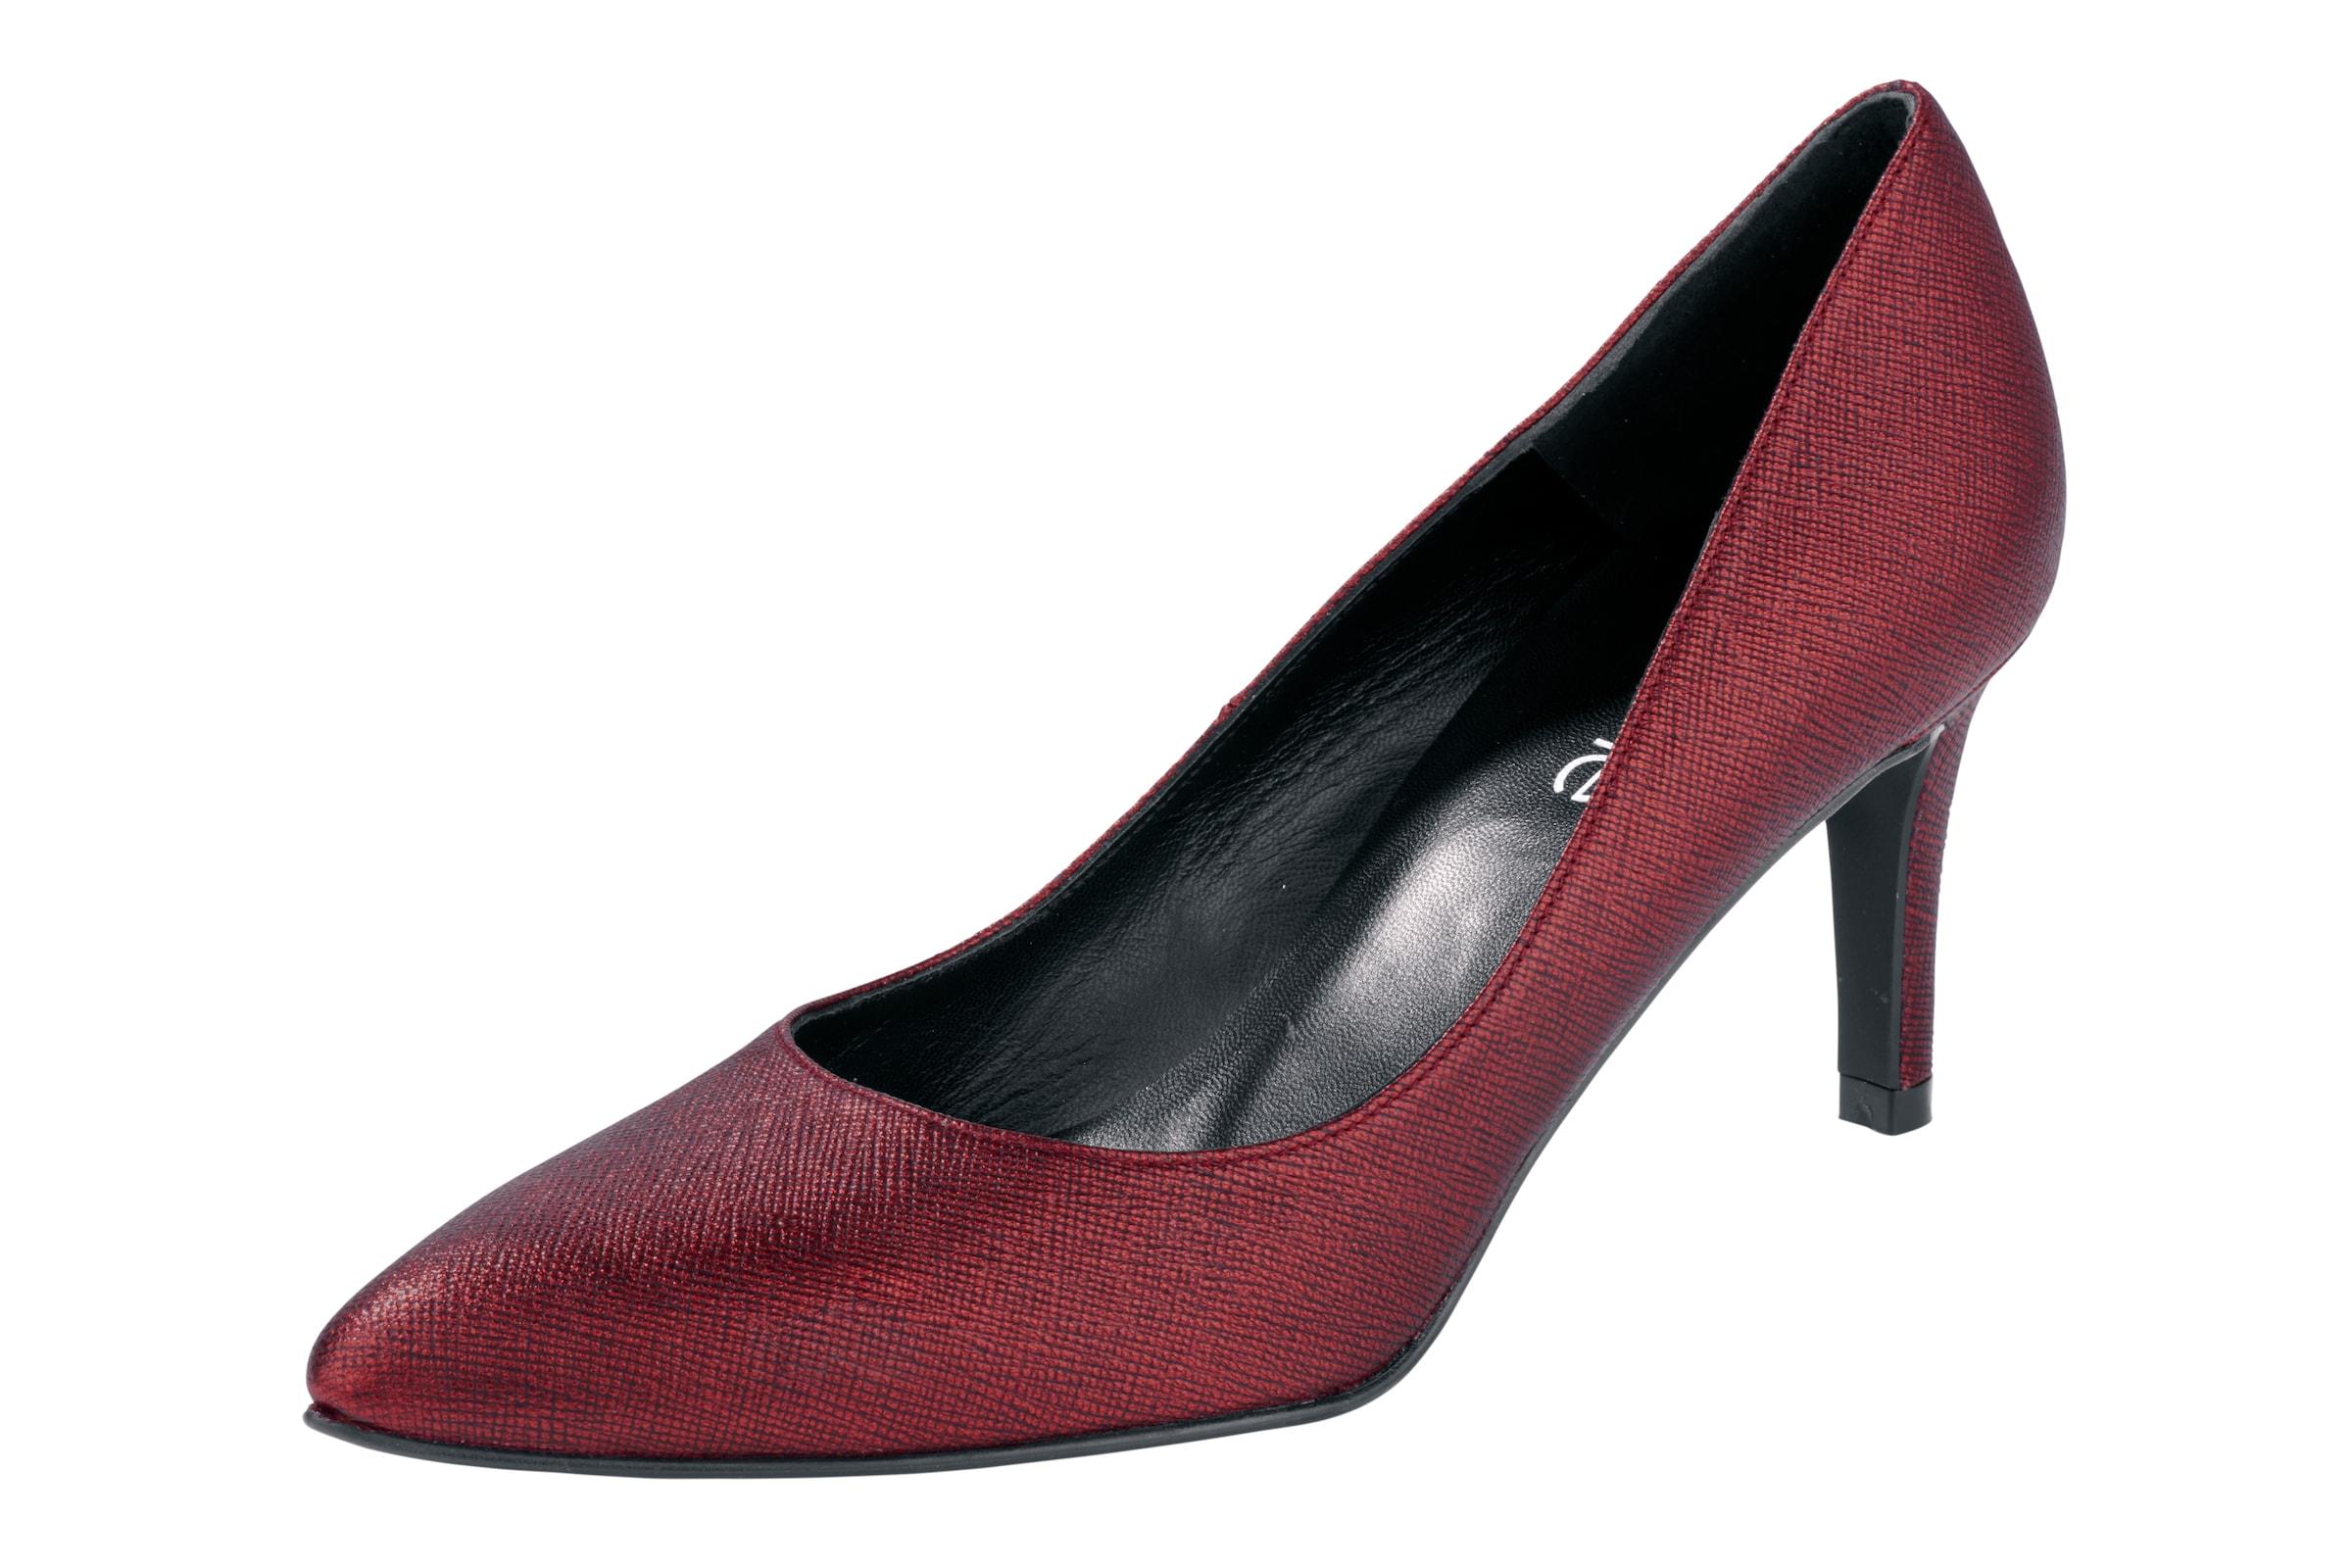 heine Pumps Verschleißfeste billige Hohe Schuhe Hohe billige Qualität 43136f